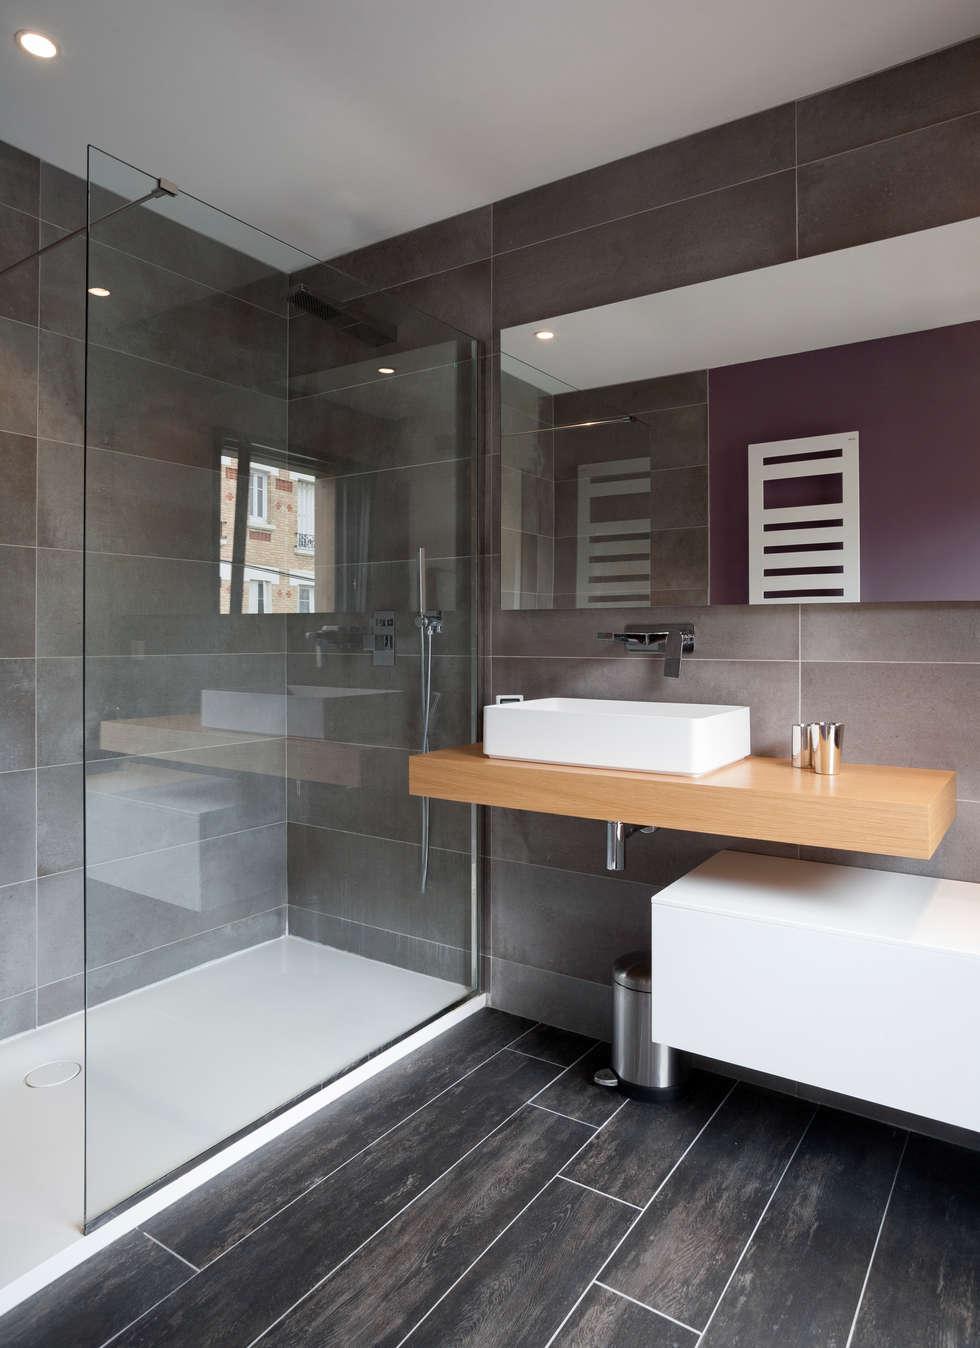 salle de bain dans une maison bois: Lieux d'événements de style  par Tempobois®- C-tempo SAS